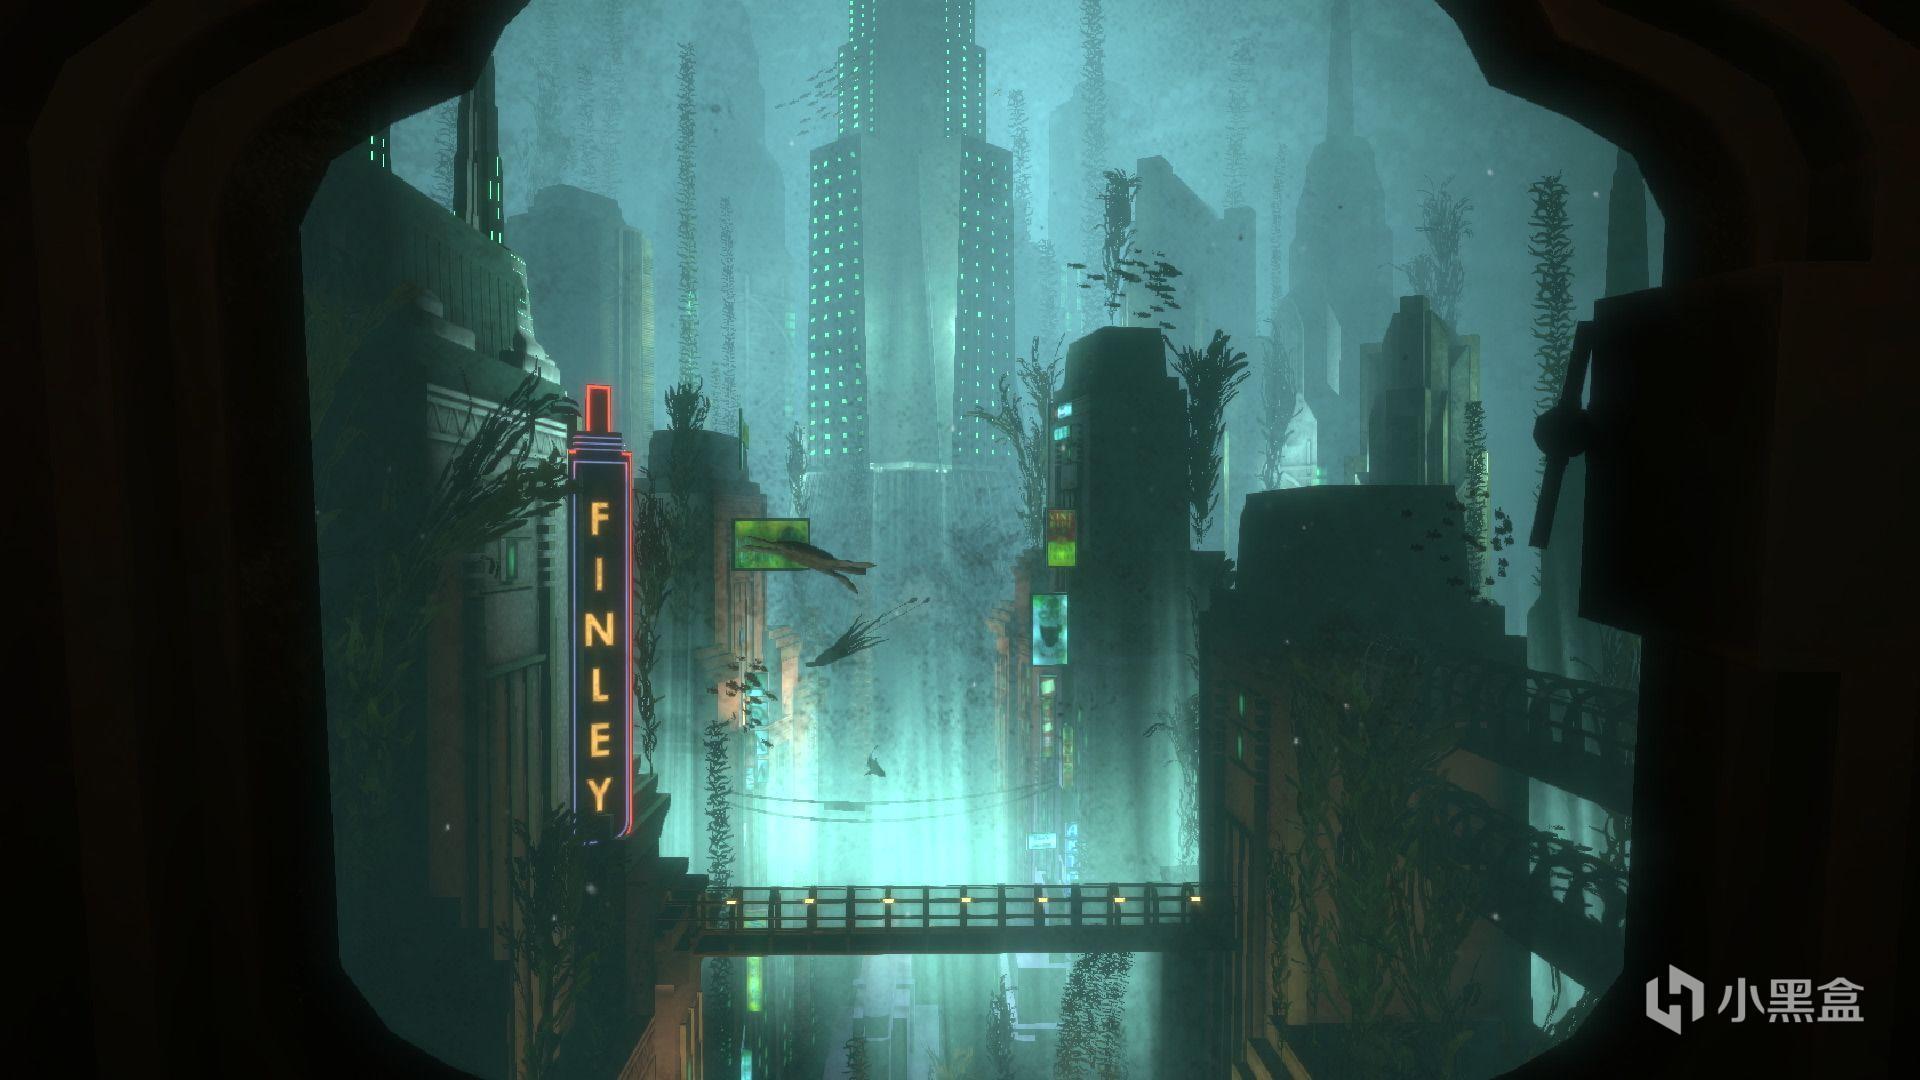 生化奇兵4将使用虚拟引擎故事发生在全新奇幻世界